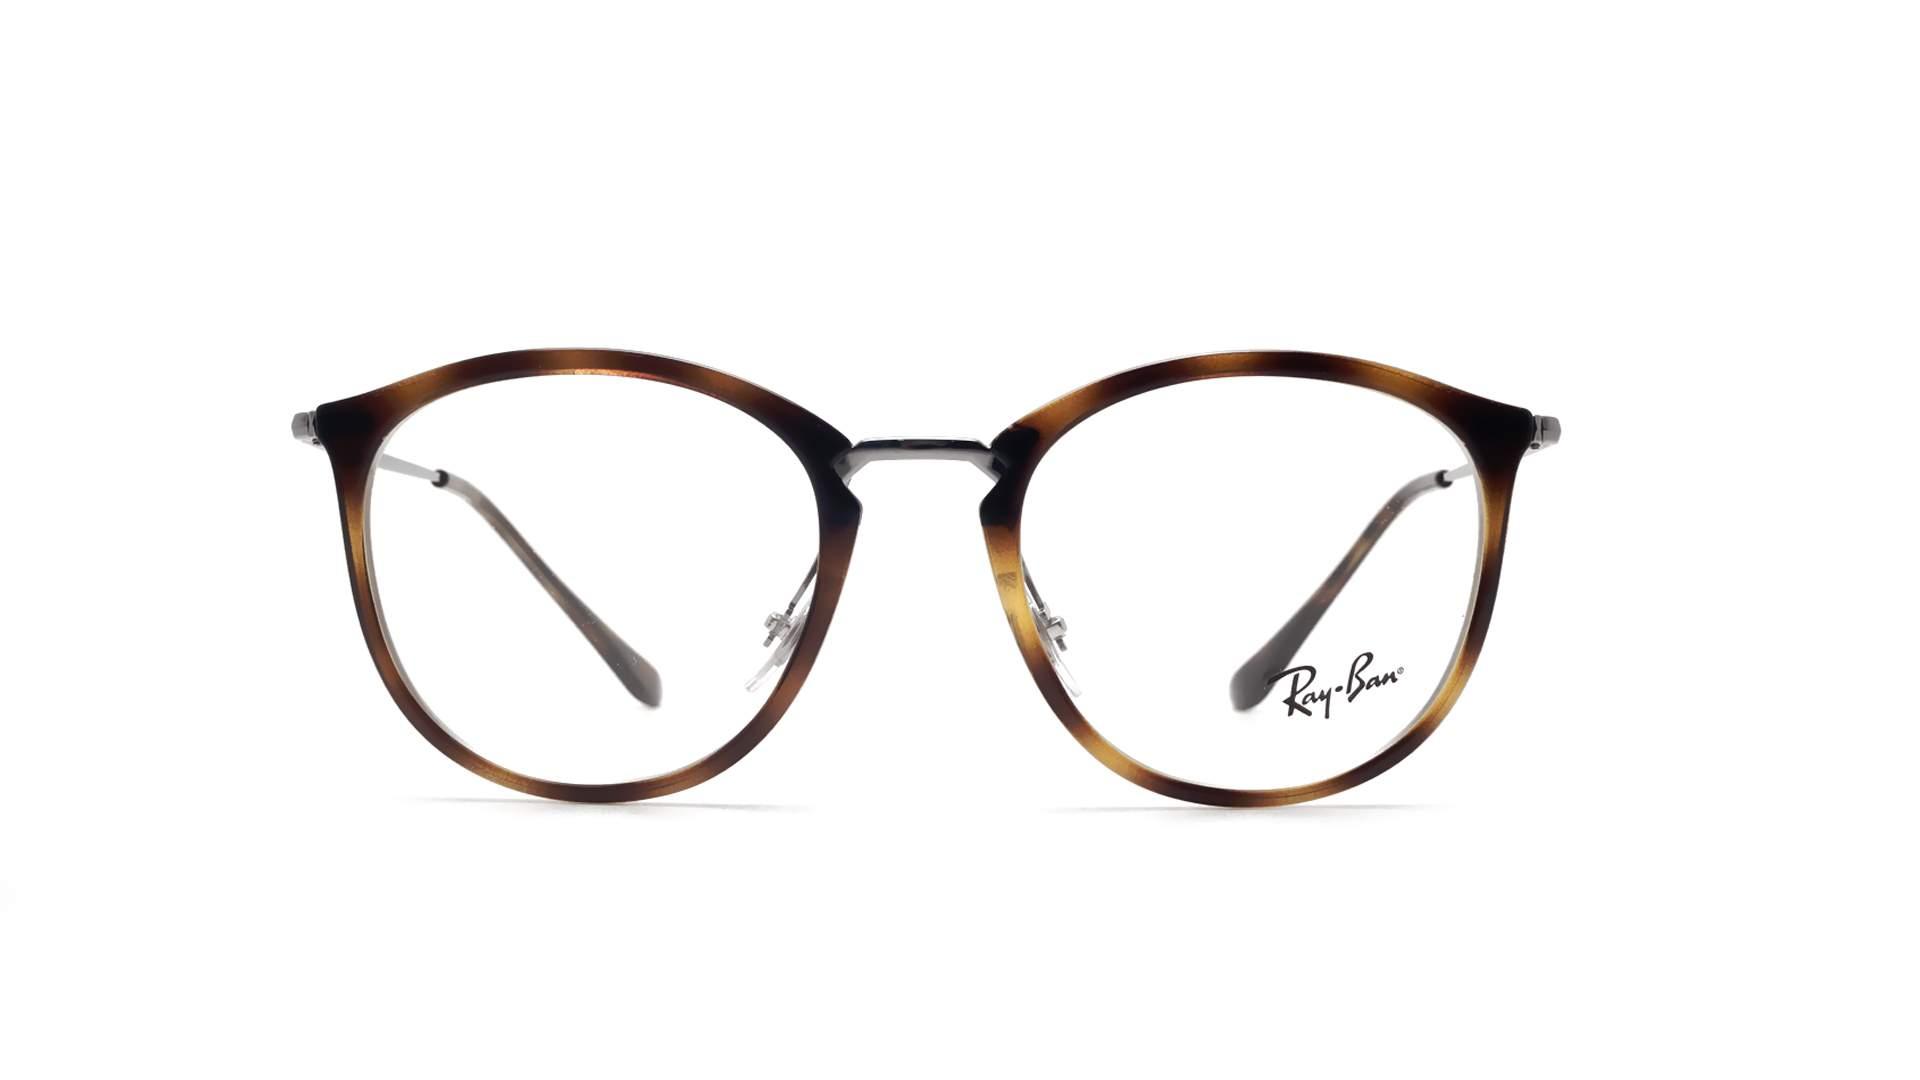 3ebf9927e3 Eyeglasses Ray-Ban RX7140 RB7140 2012 51-20 Tortoise Medium